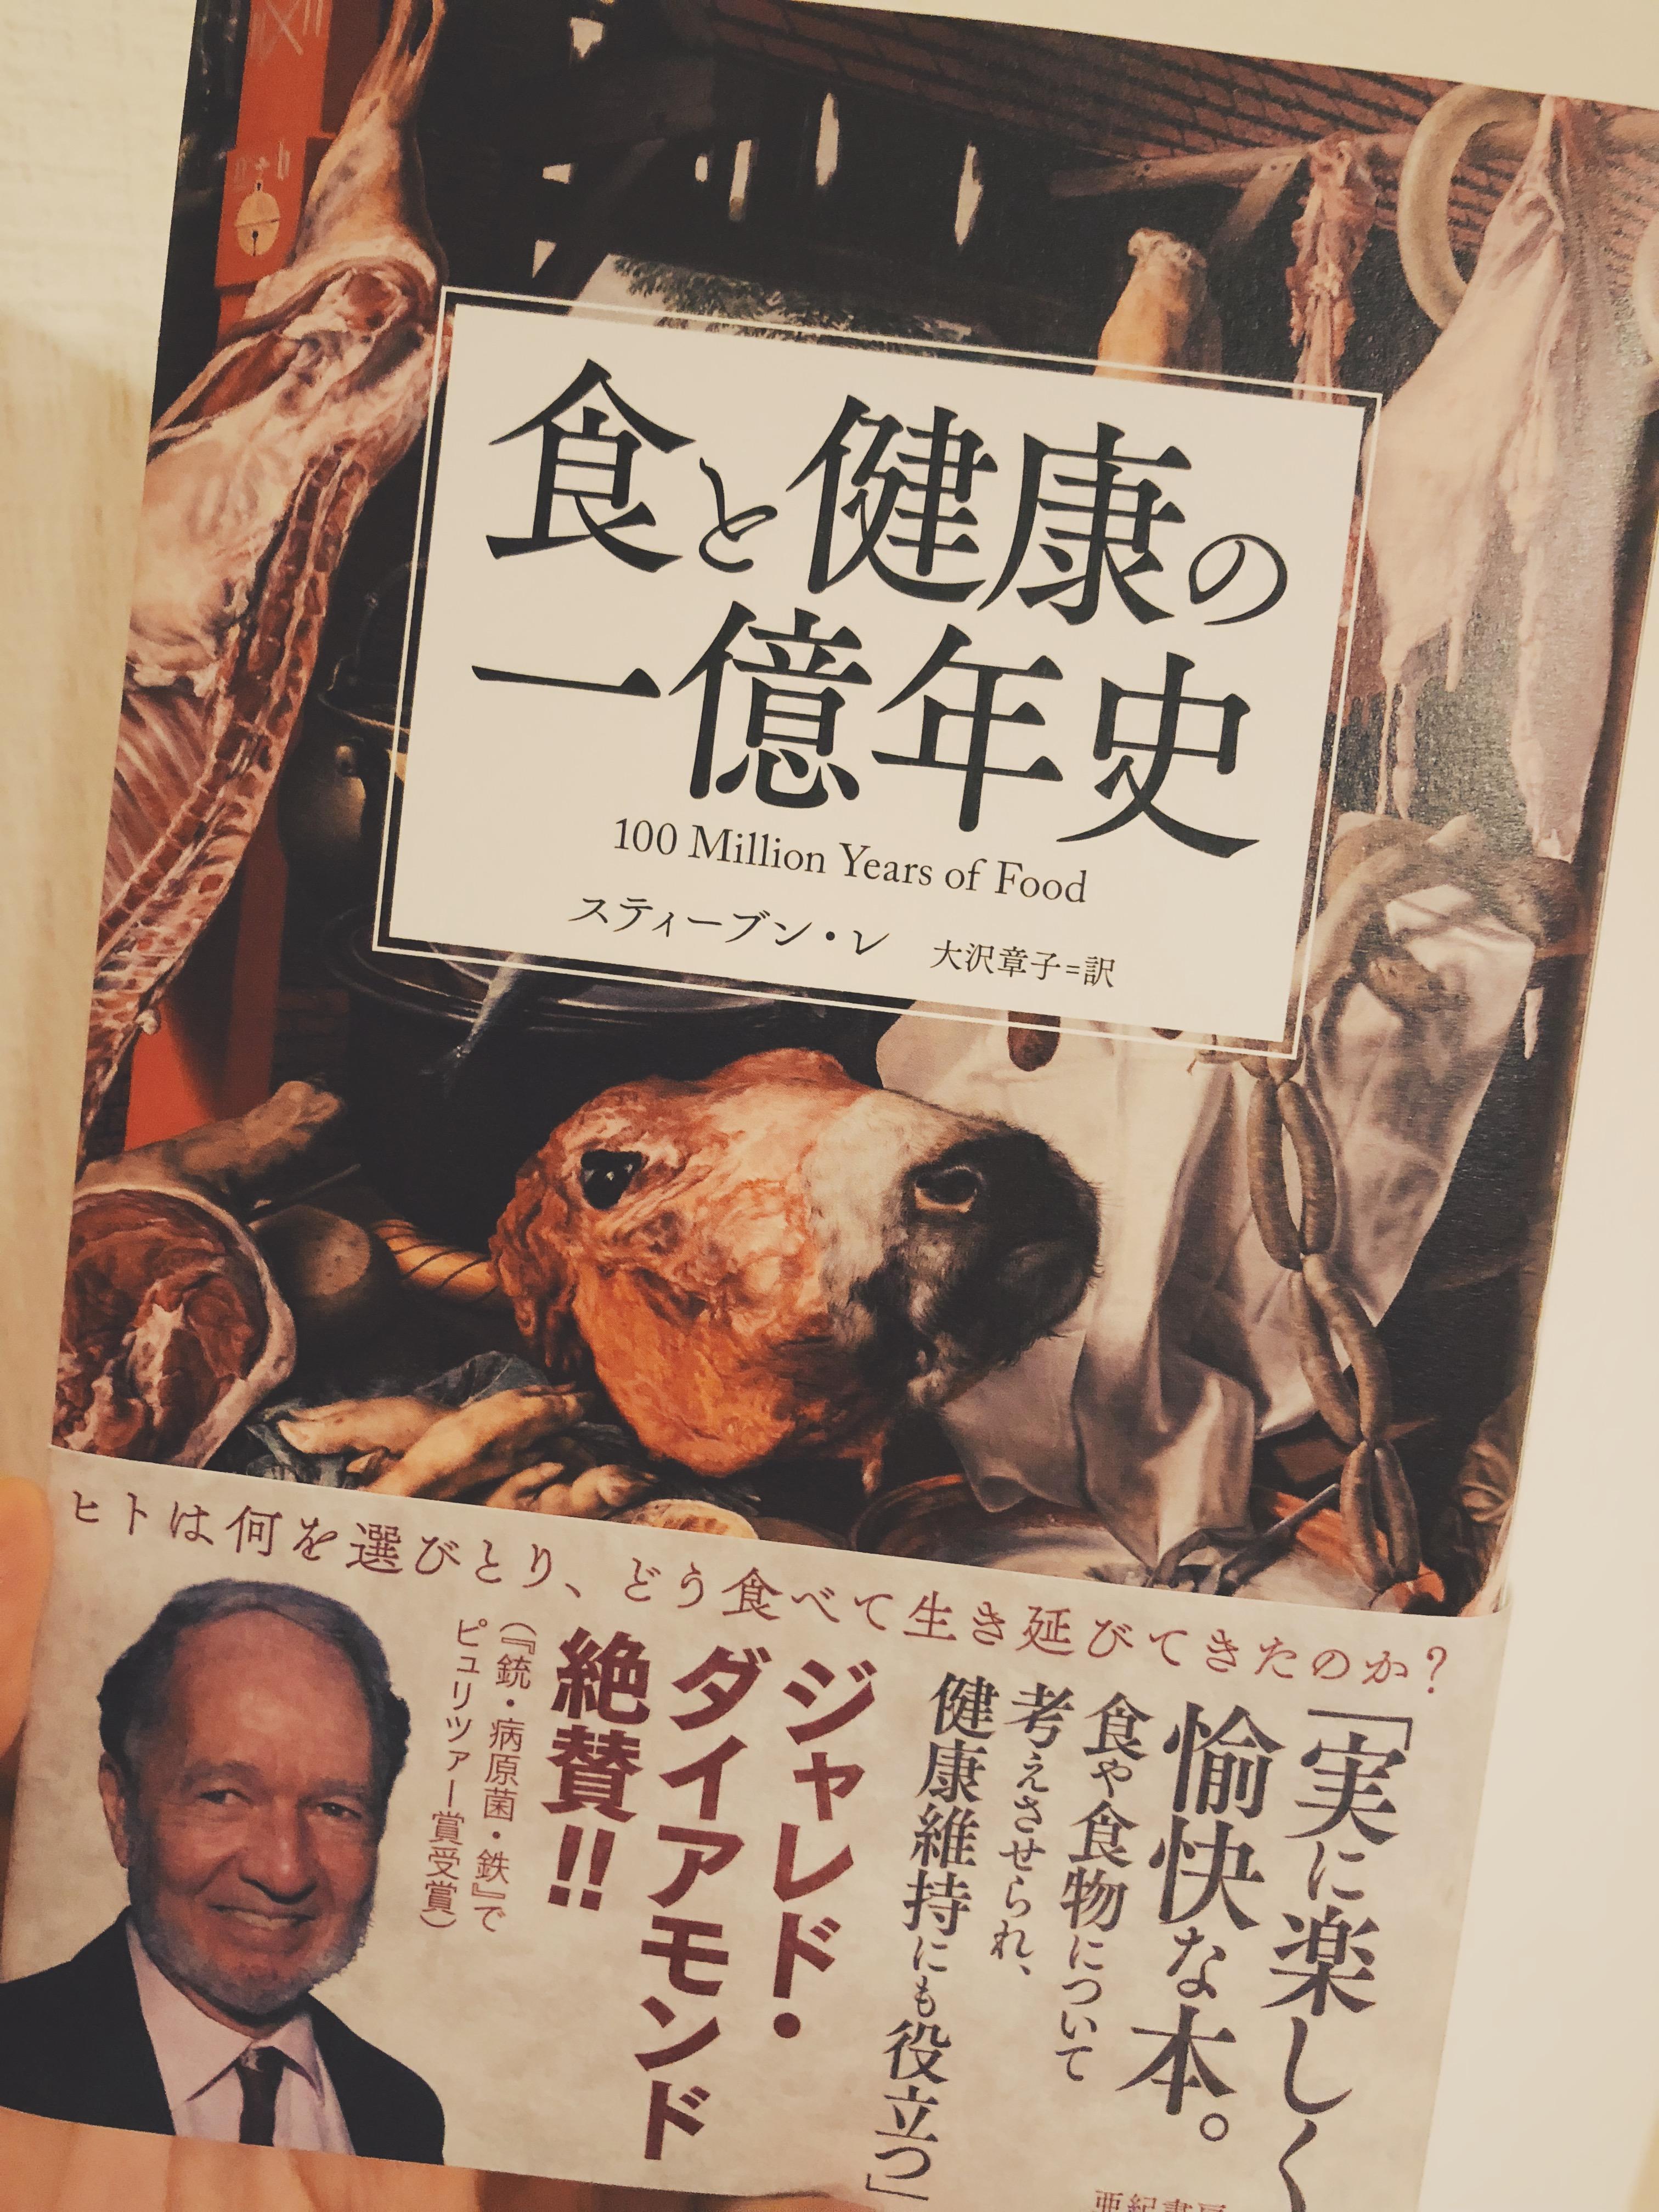 「食と健康の一億年史」 スティーブン・レ【書評】